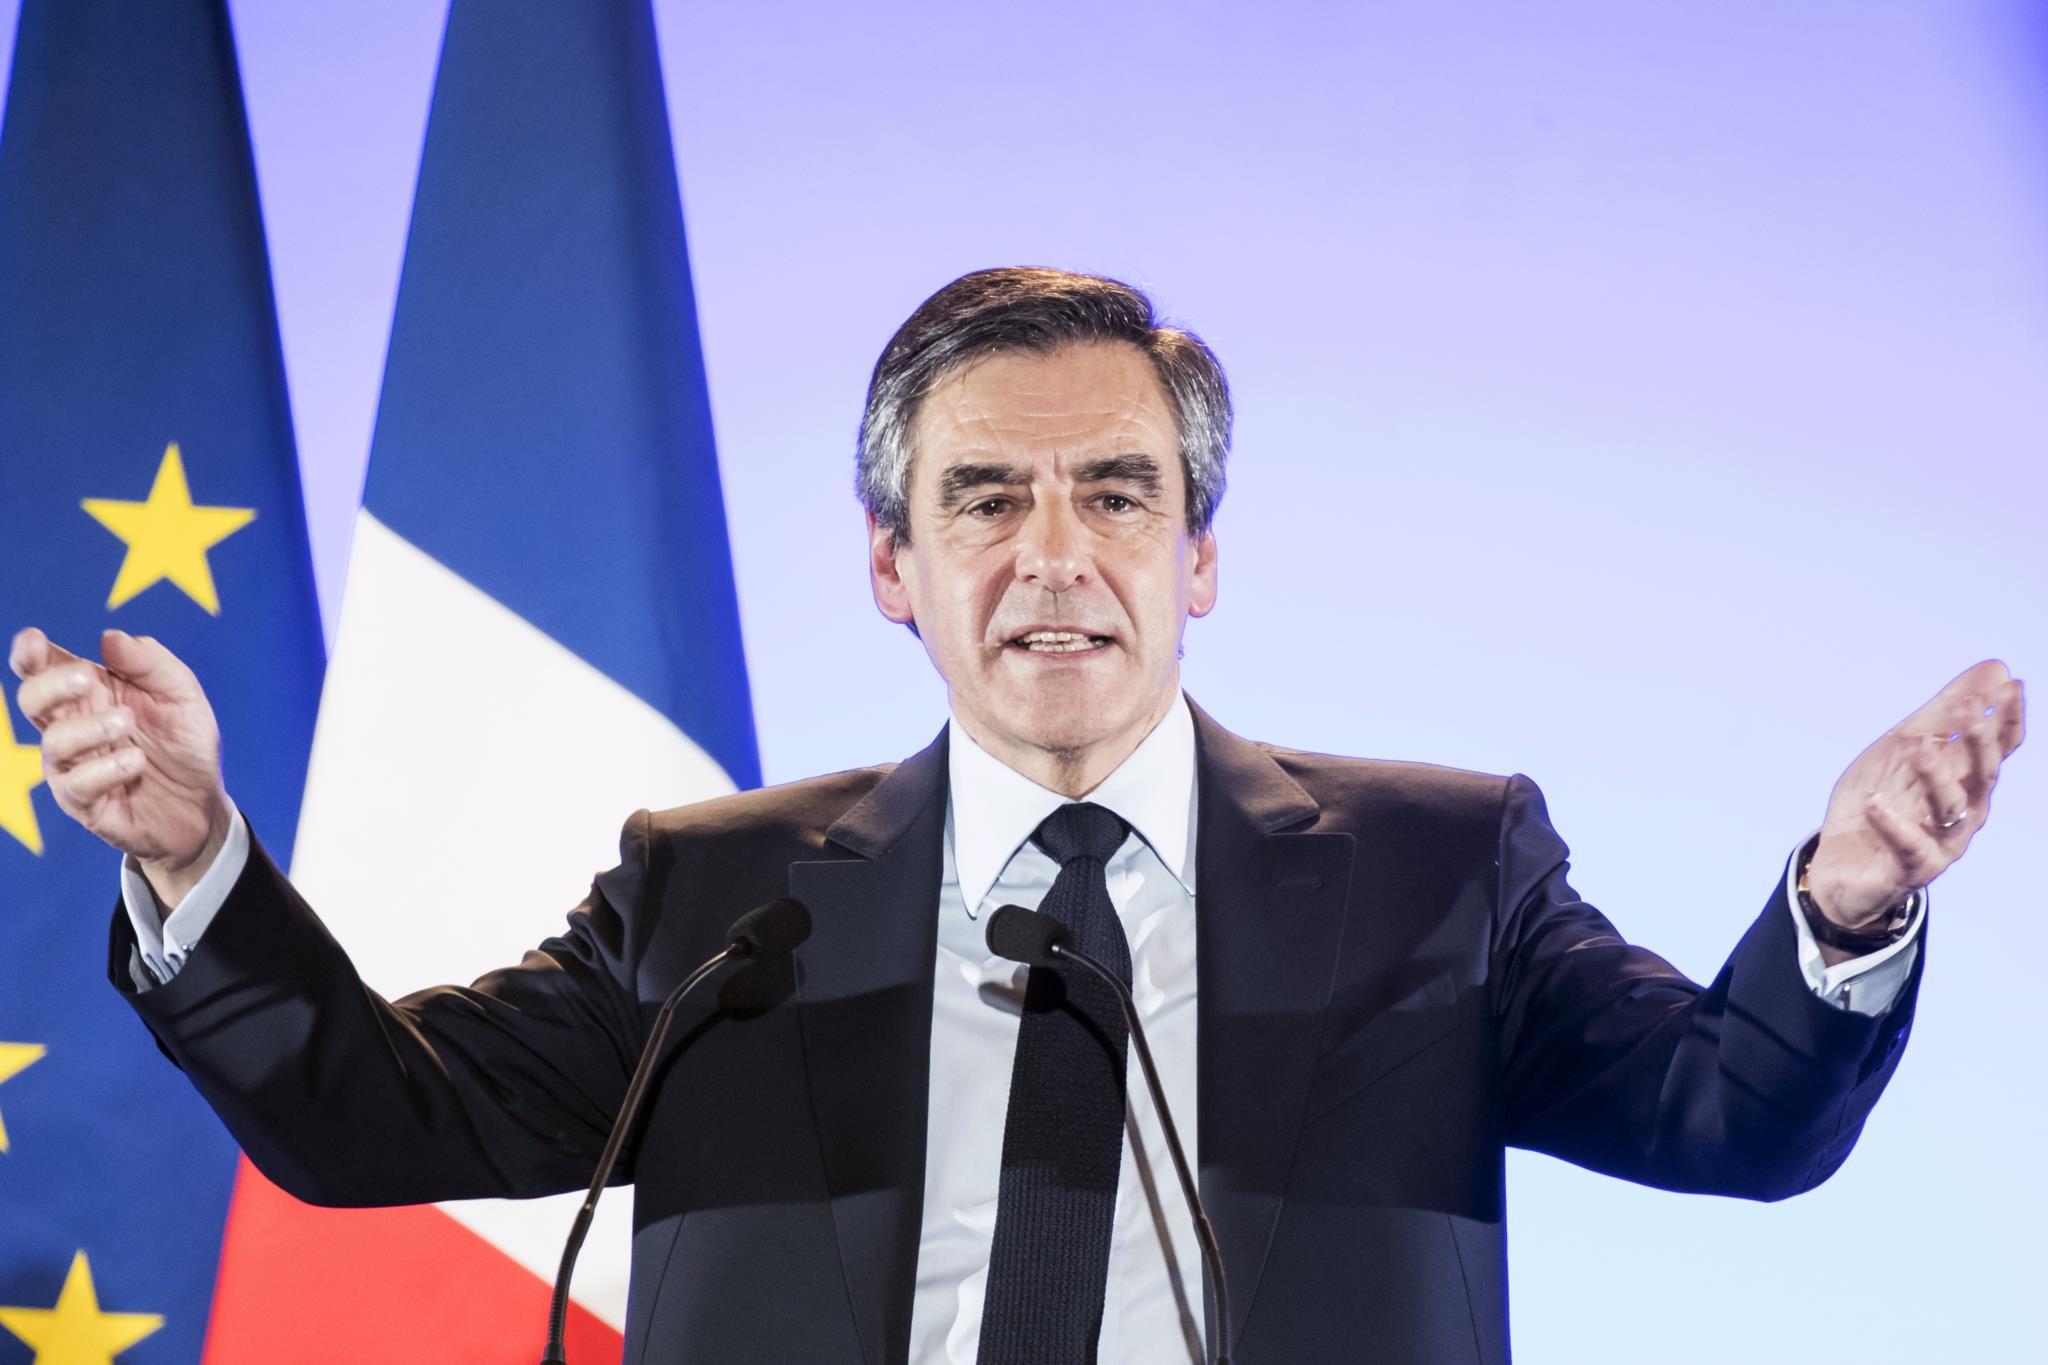 PÚBLICO - Justiça francesa aperta o cerco a François Fillon